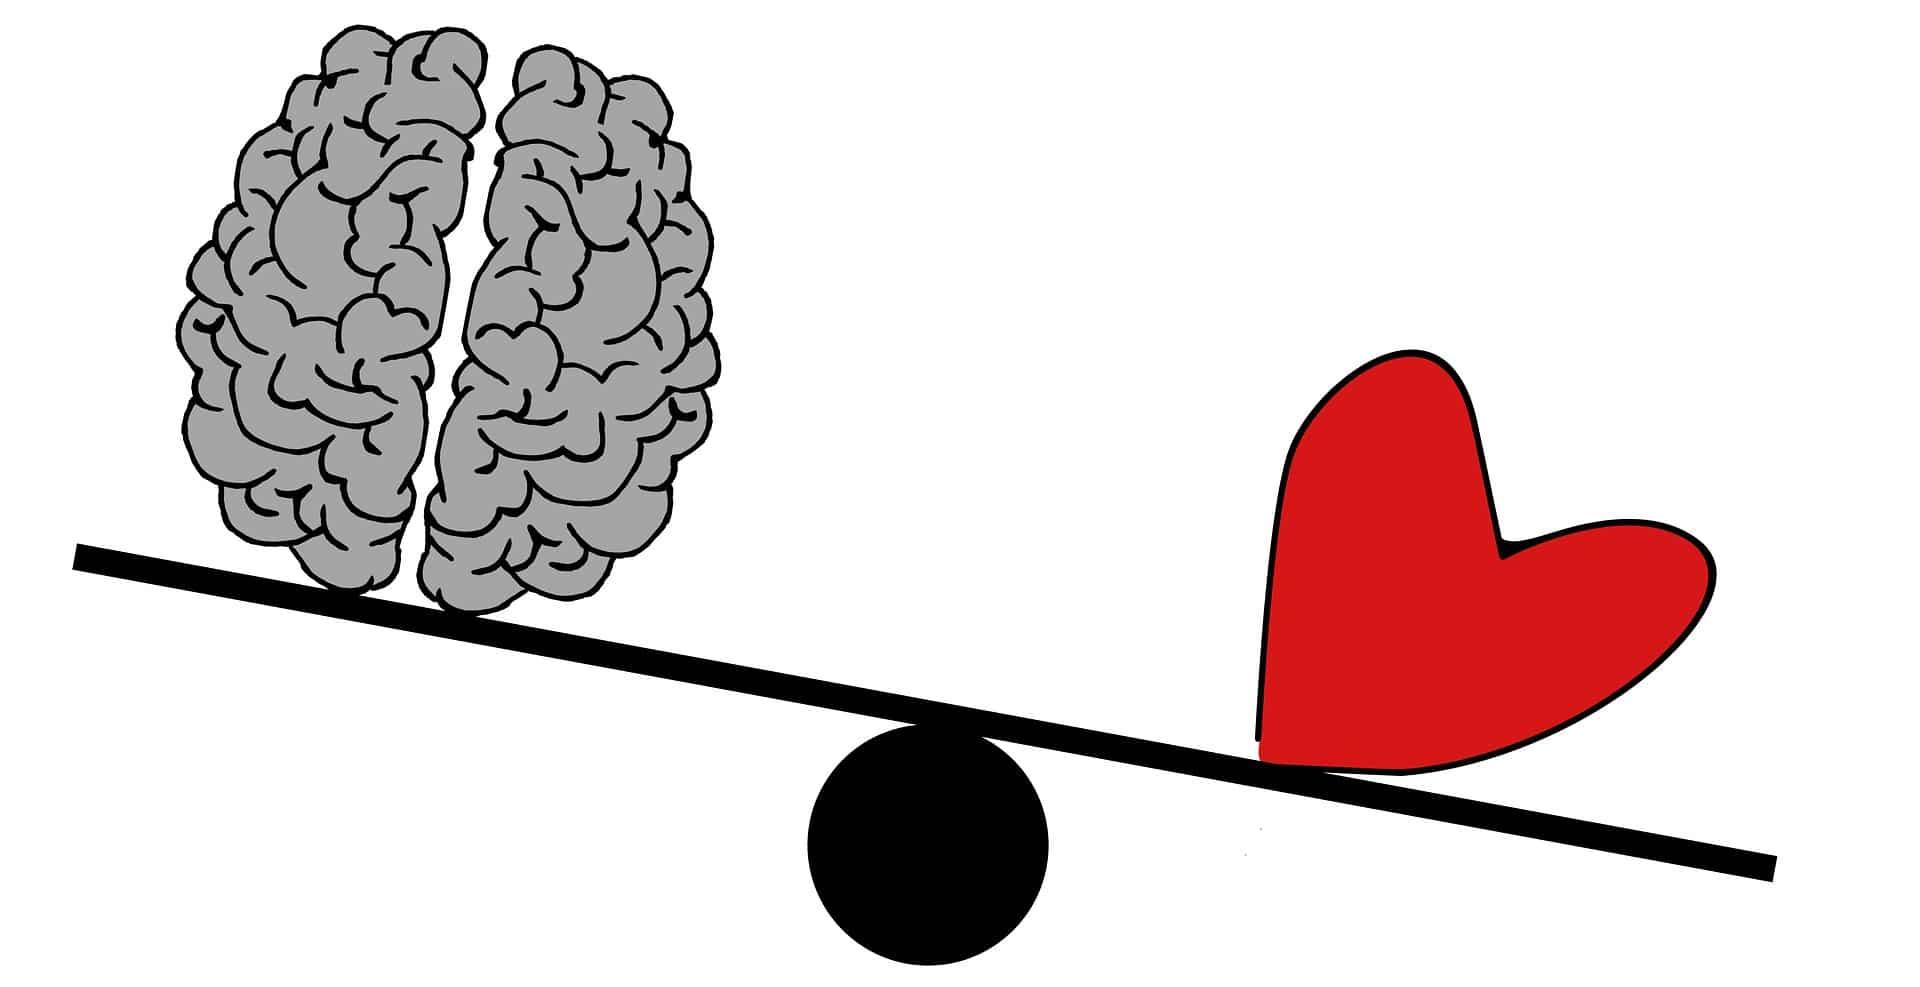 dépendance affective : le psychiatre ou le psyhcologue à paris la soigne par la tcc thérapie cognitive et comportementale ou par la thérapie interpersonnelle tip